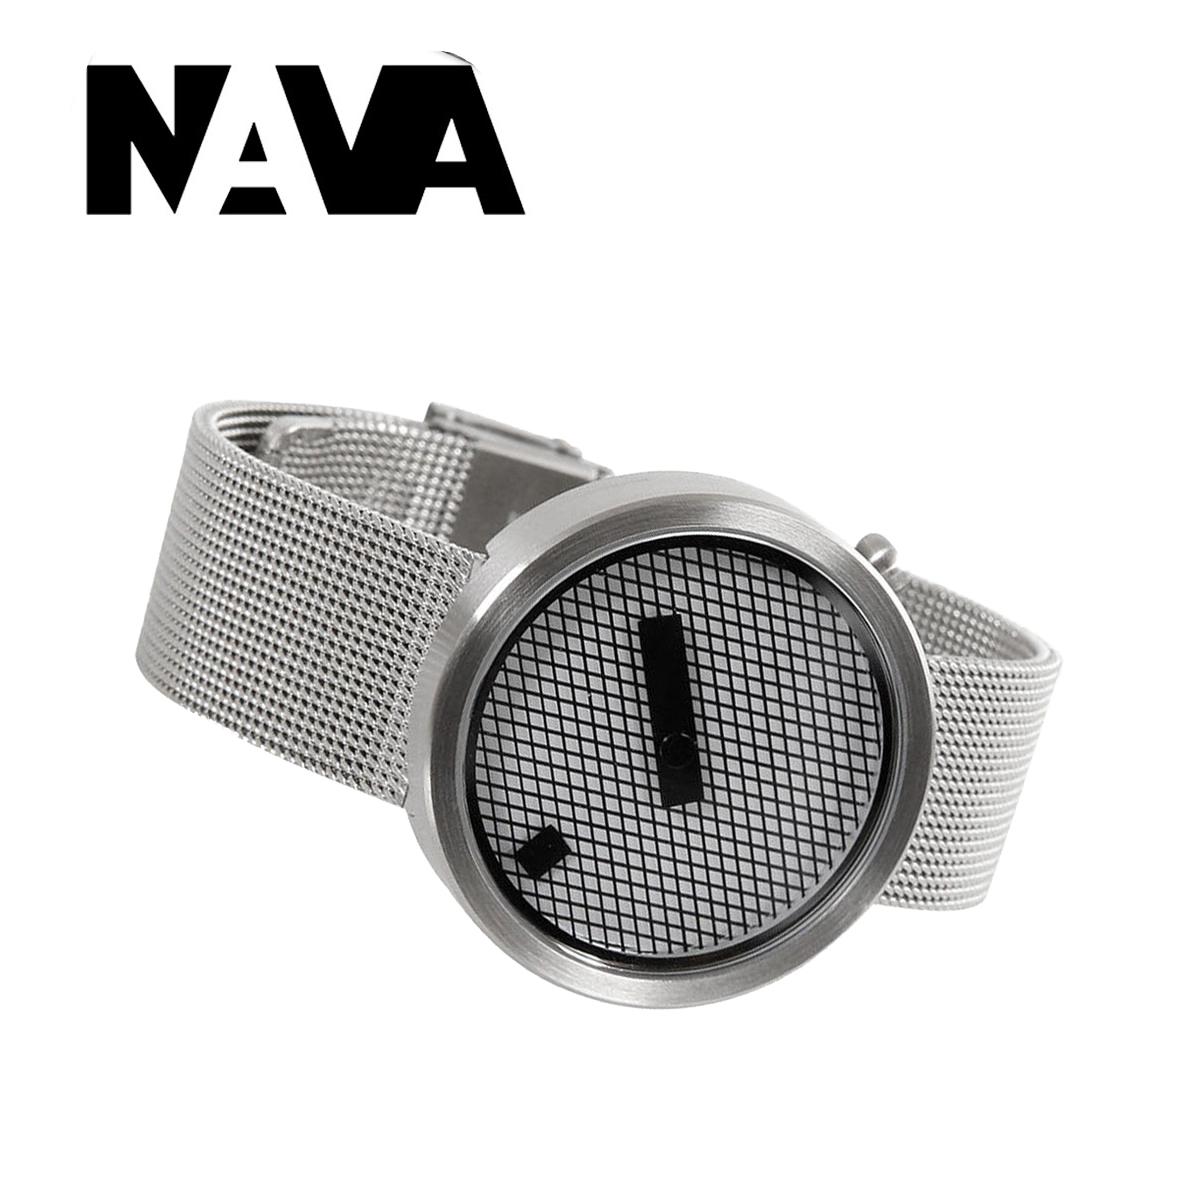 【ラッピング無料】個性を極めた腕時計!! NAVA DESIGN ナバデザイン JACQUARD ジャカード O605 マットシルバー steel スチール メンズ レディース ウォッチ 男性用 女性用 腕時計 ナヴァデザイン 個性的 NVA020042